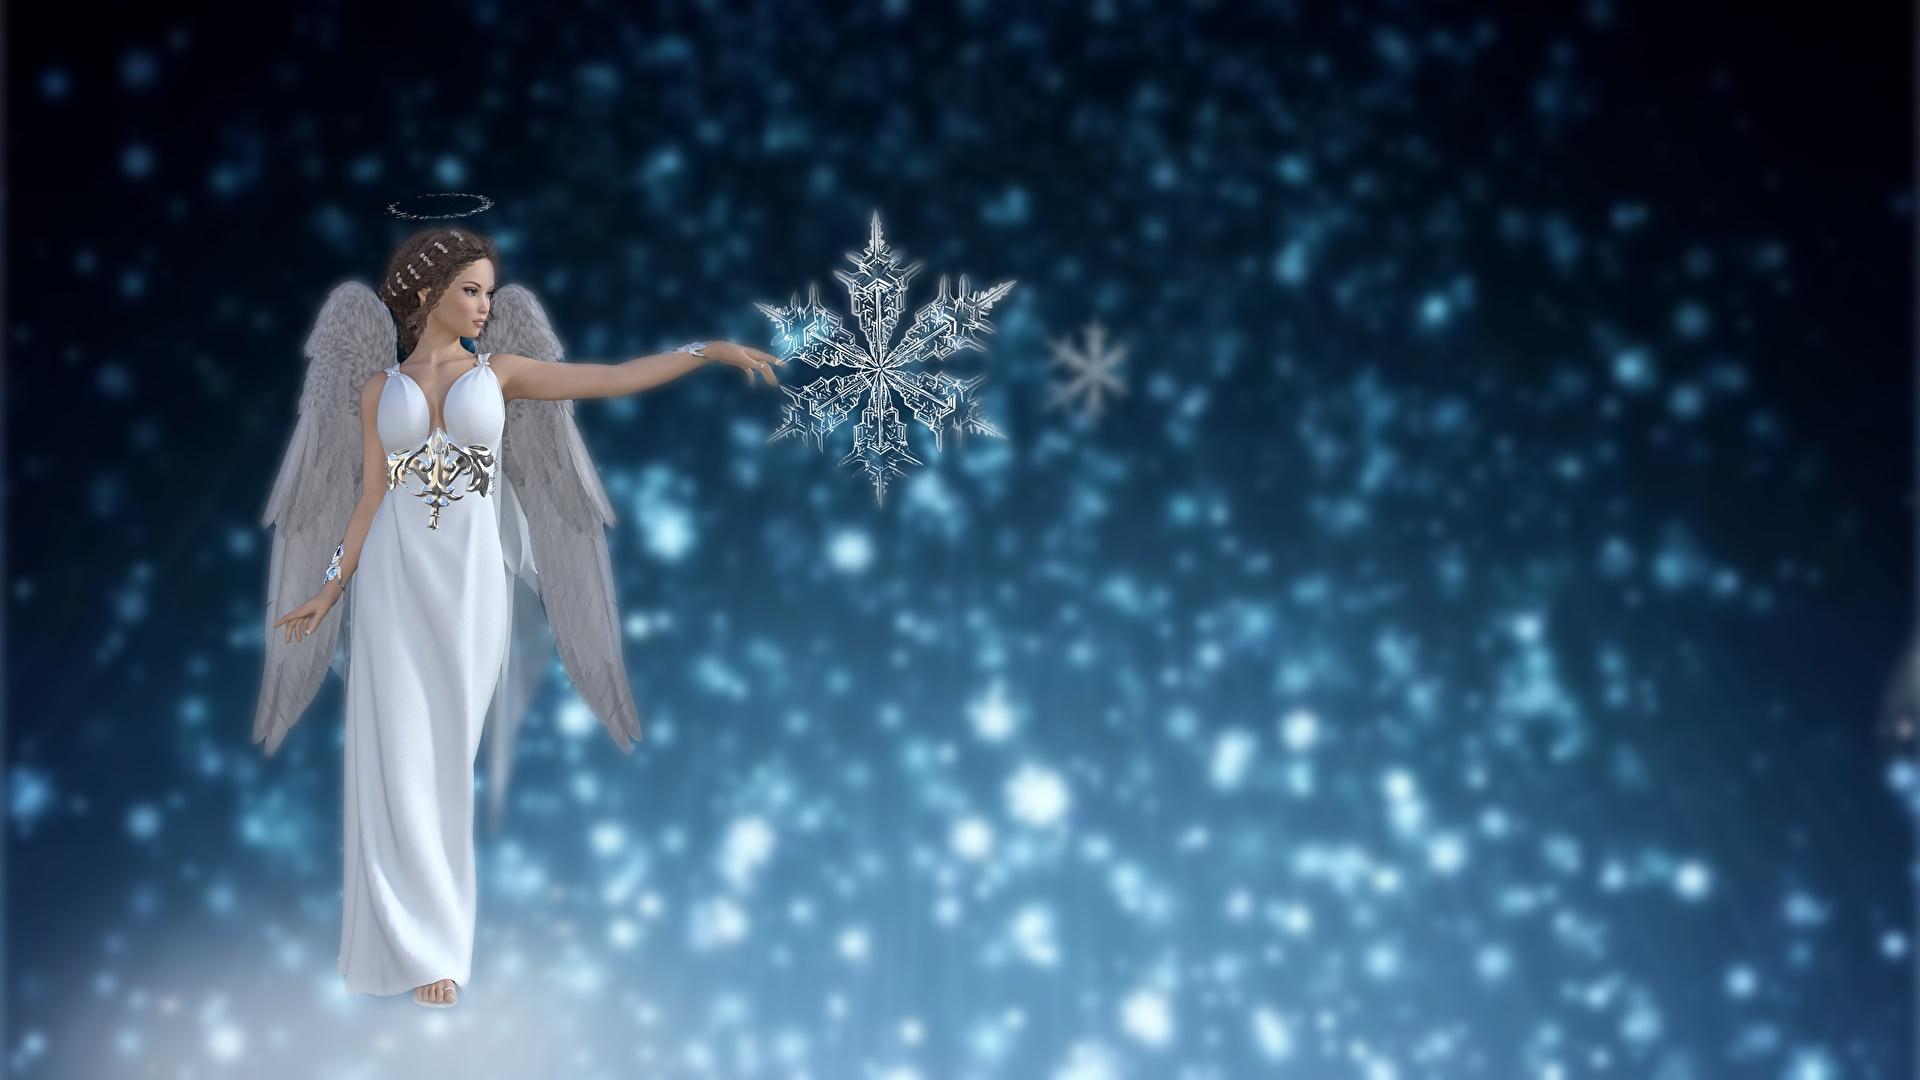 Desktop Hintergrundbilder Fantasy Mädchens 3D-Grafik Schneeflocken Engel 1920x1080 junge frau junge Frauen Engeln